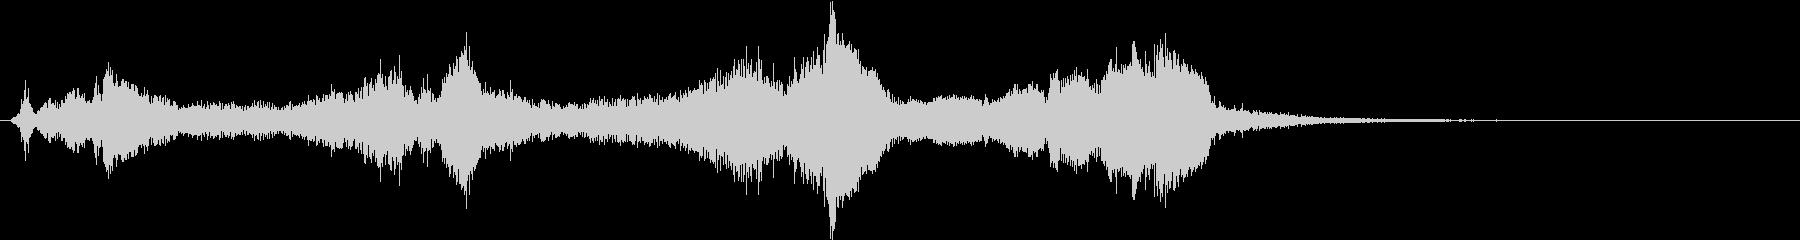 トムとジェリー風なアニメ音楽「驚き」1の未再生の波形